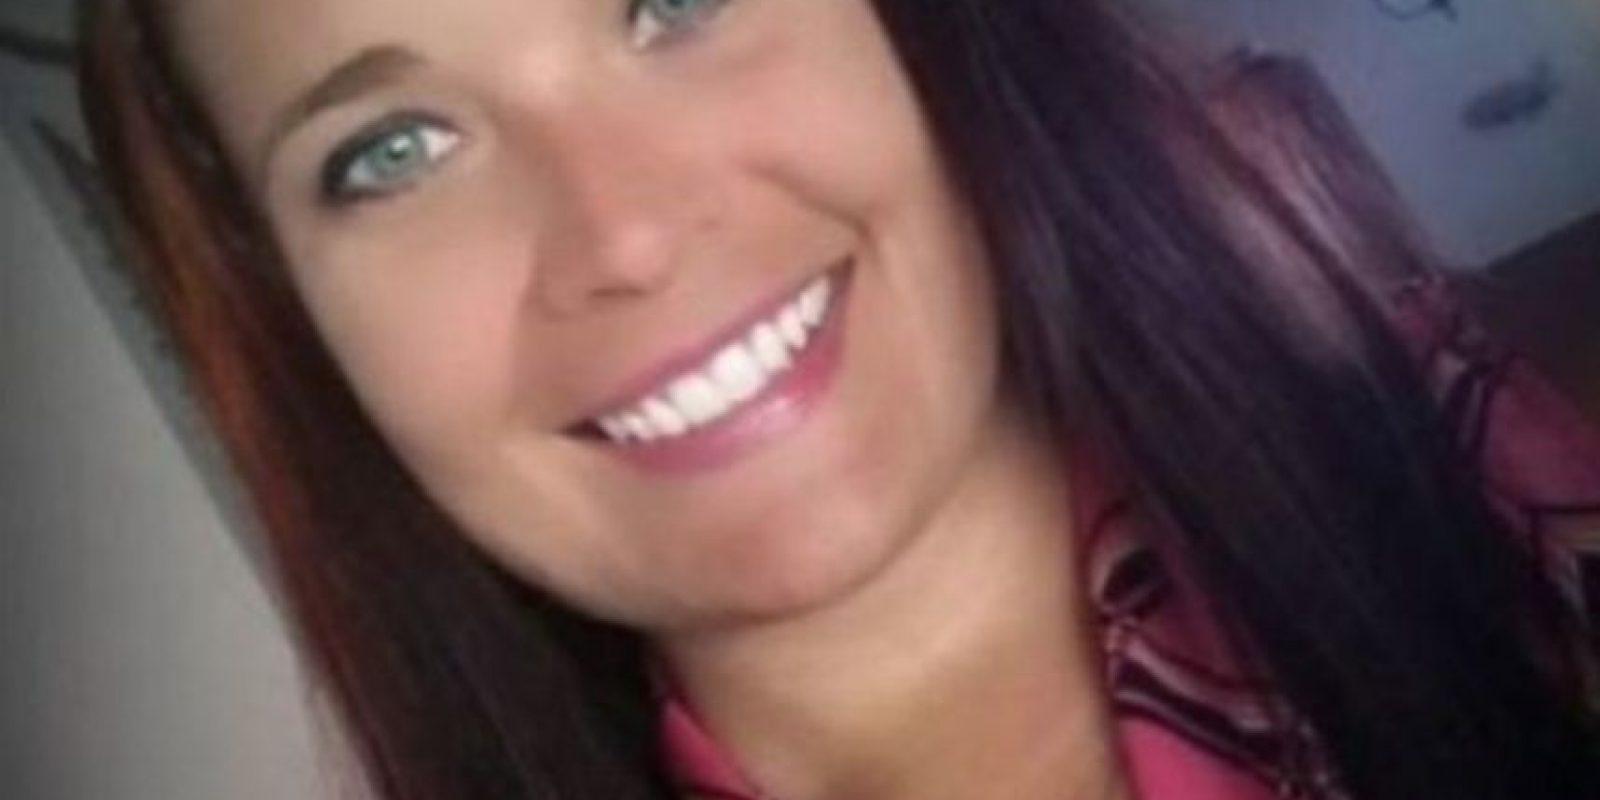 El estudiante, de 15 años, confesó que tuvo sexo con la maestra en su salón de clases, en el automóvil de la profesora y en su casa Foto:Facebook